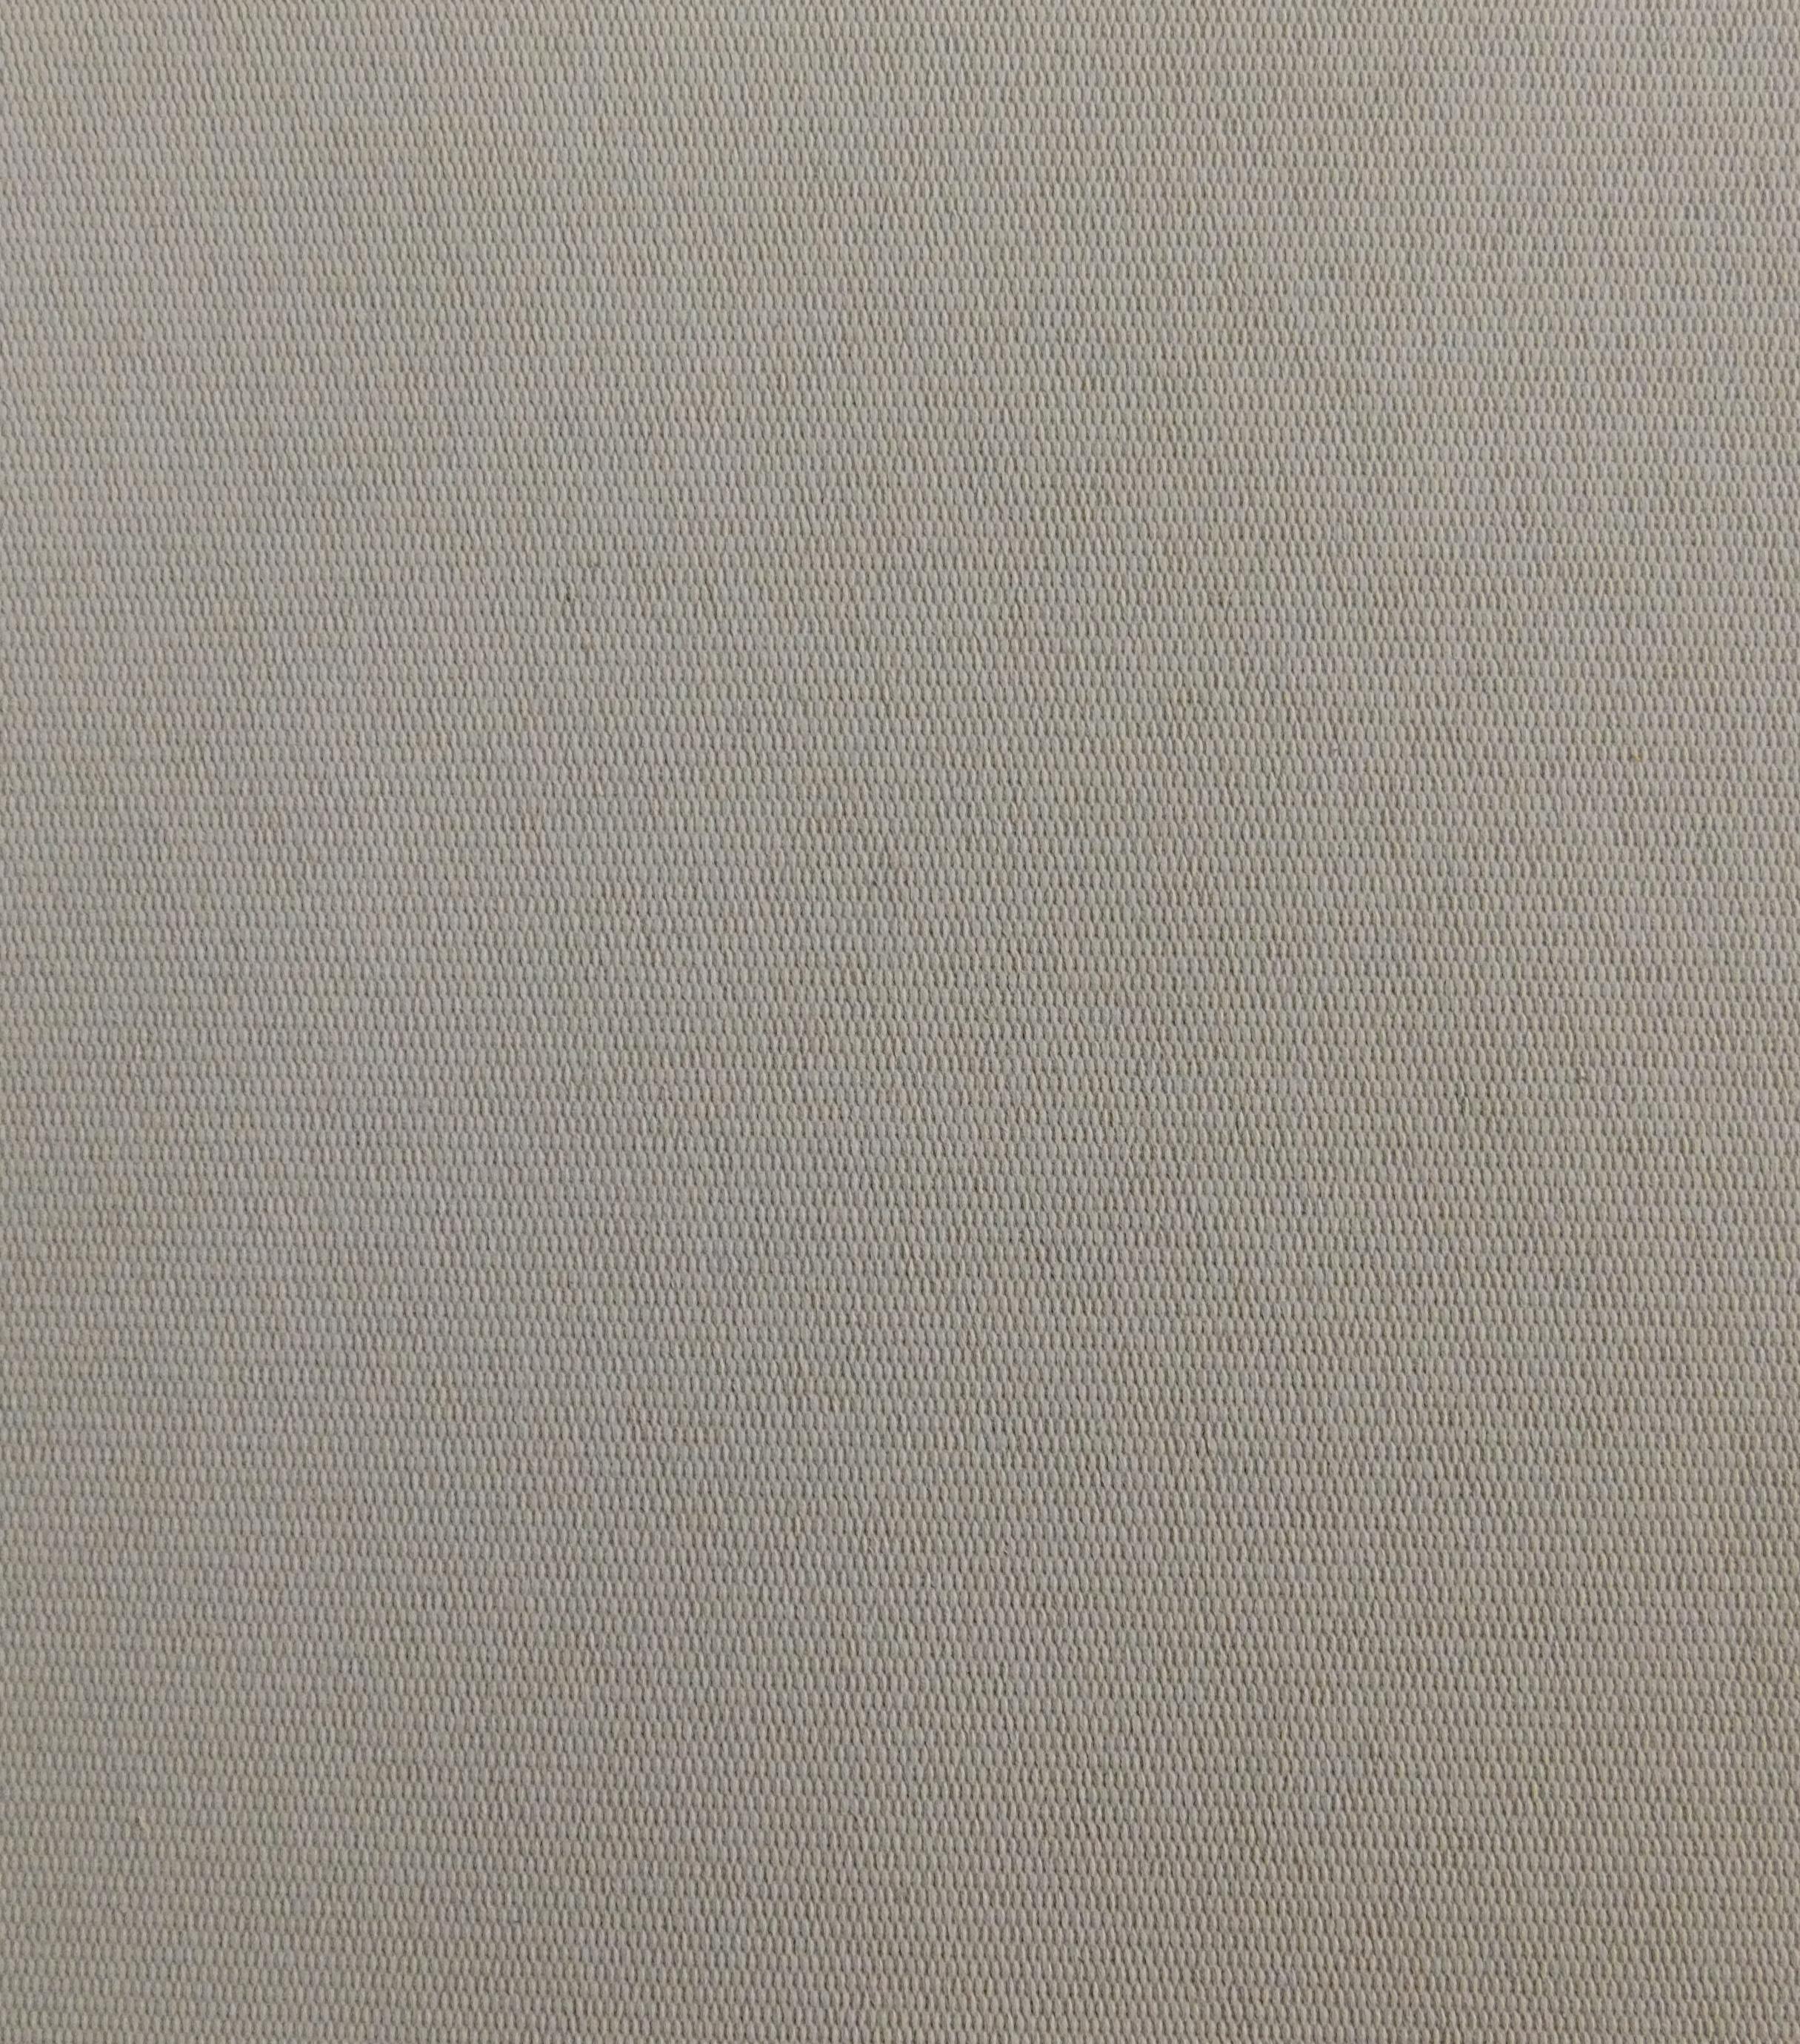 Buy Palette Stone Grey Motorised Roller Blinds From